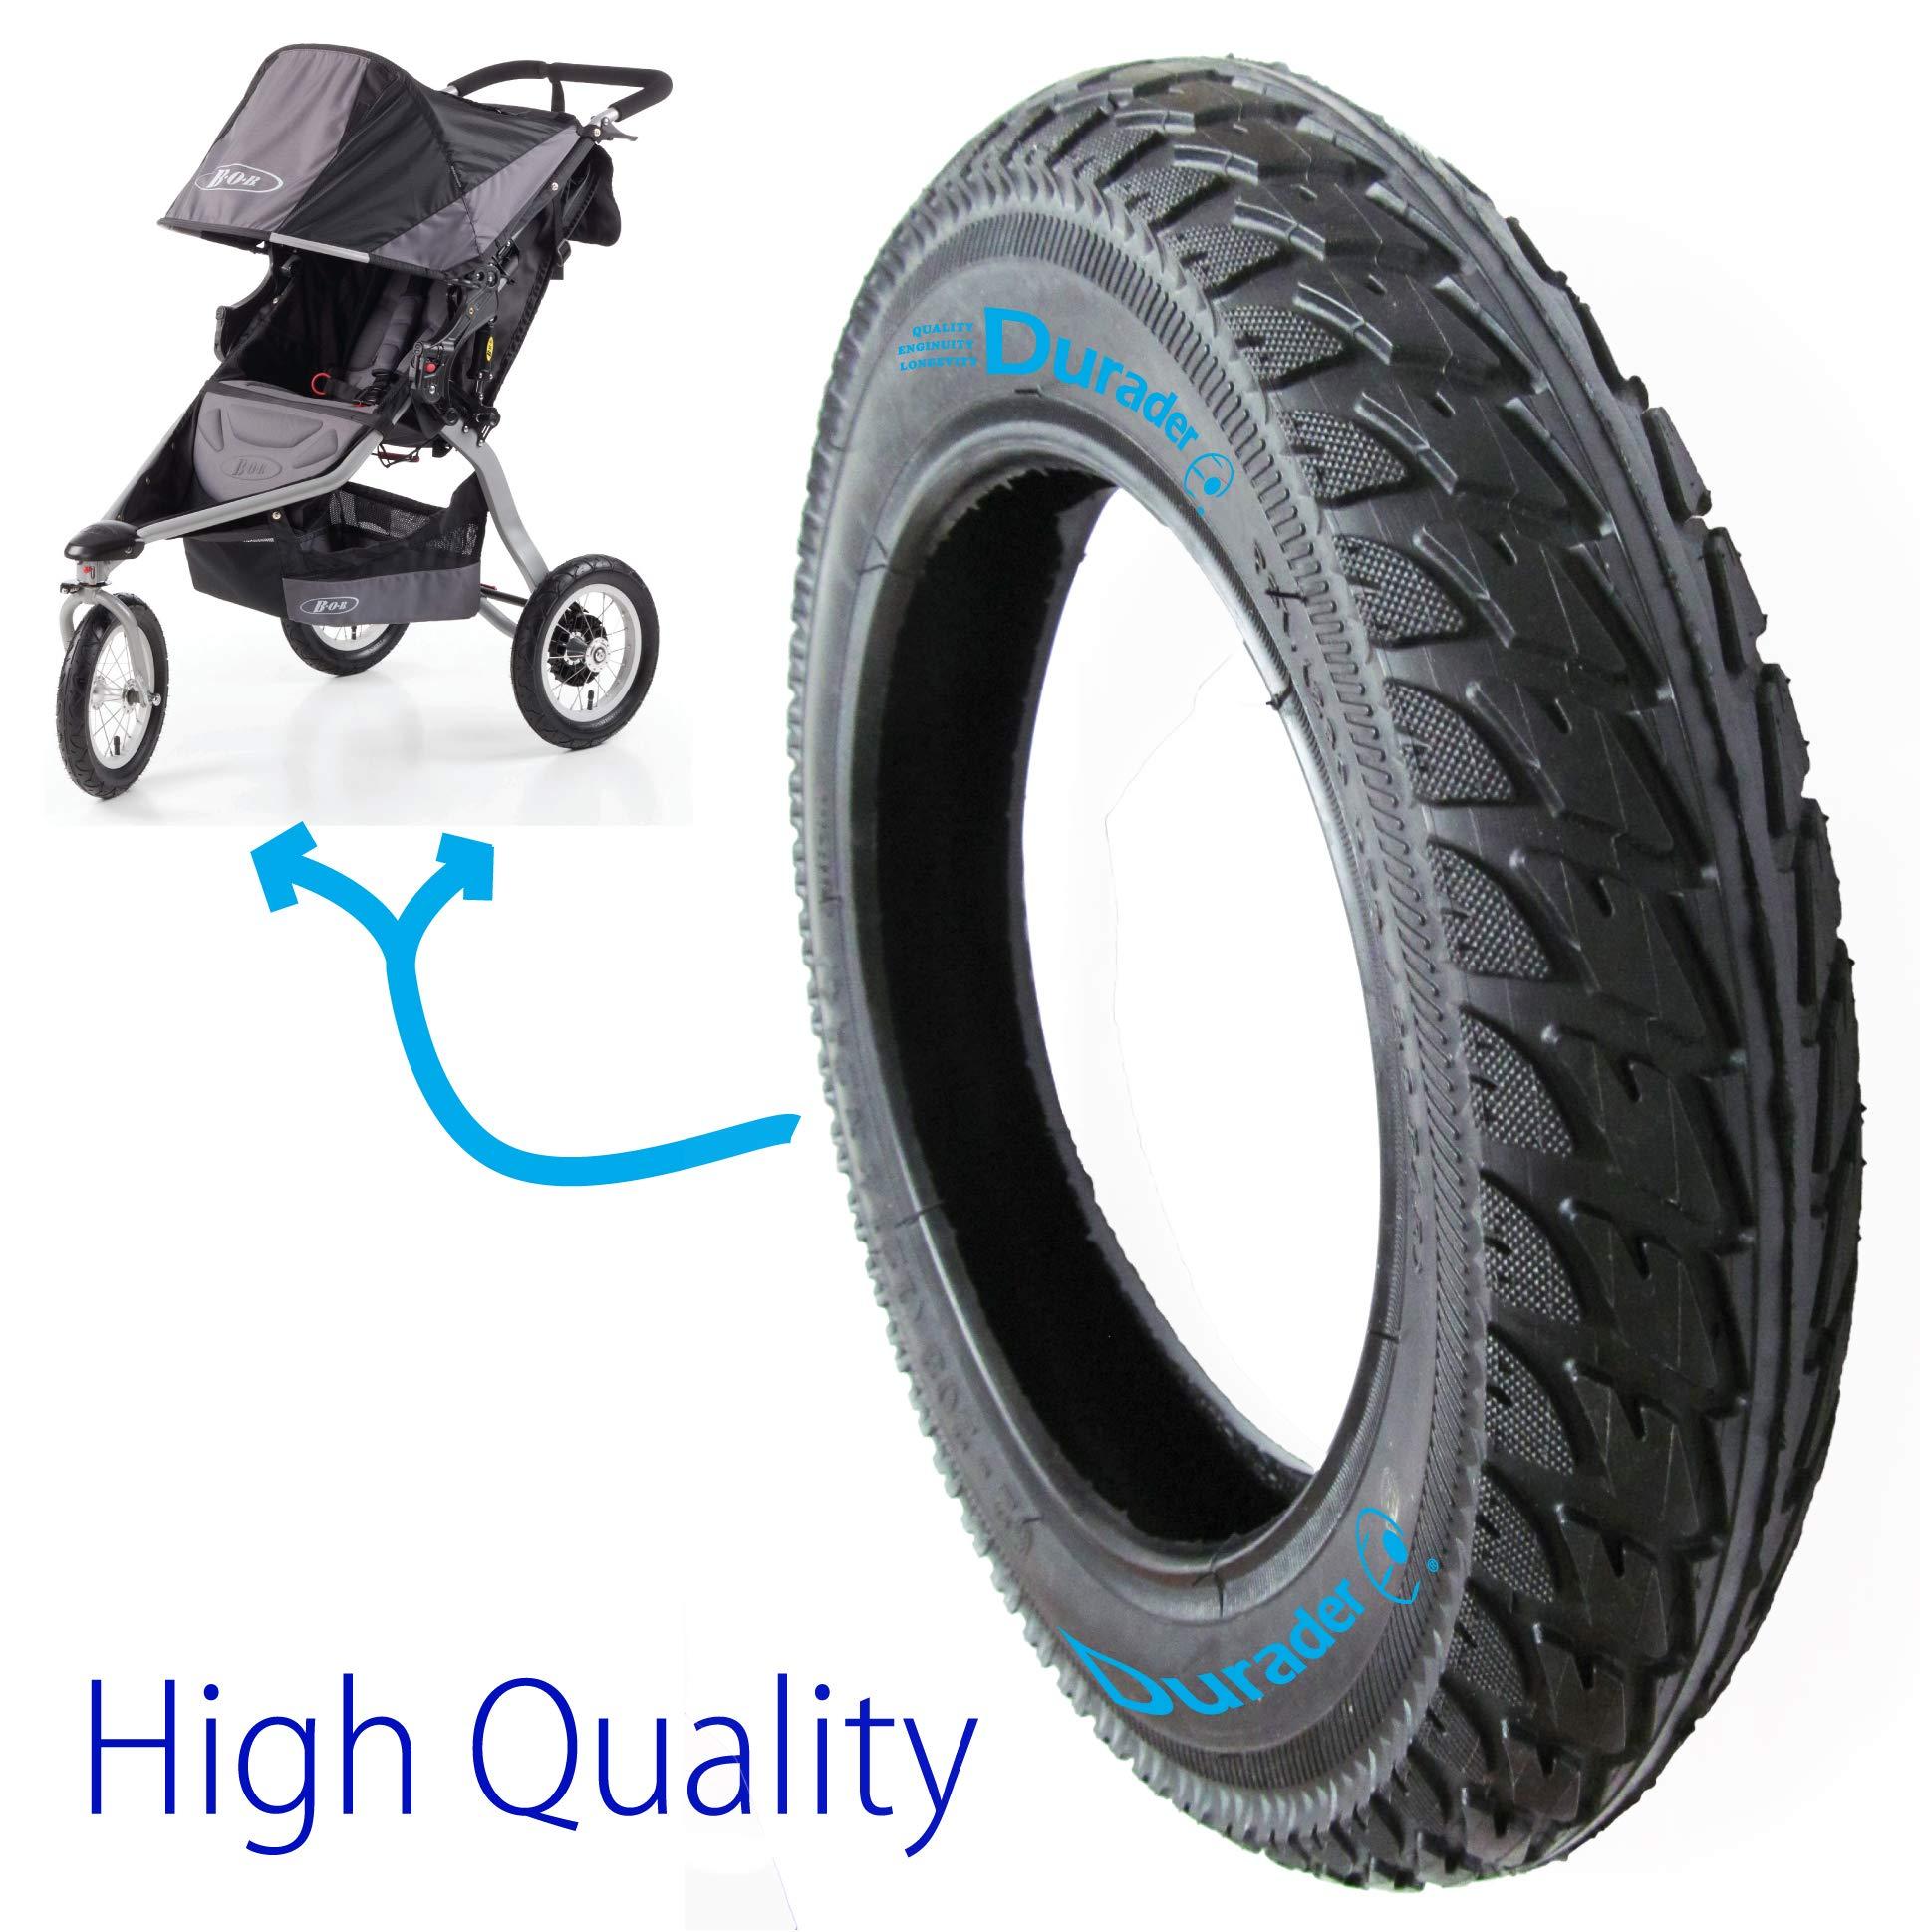 BOB Revolution CE (tire)